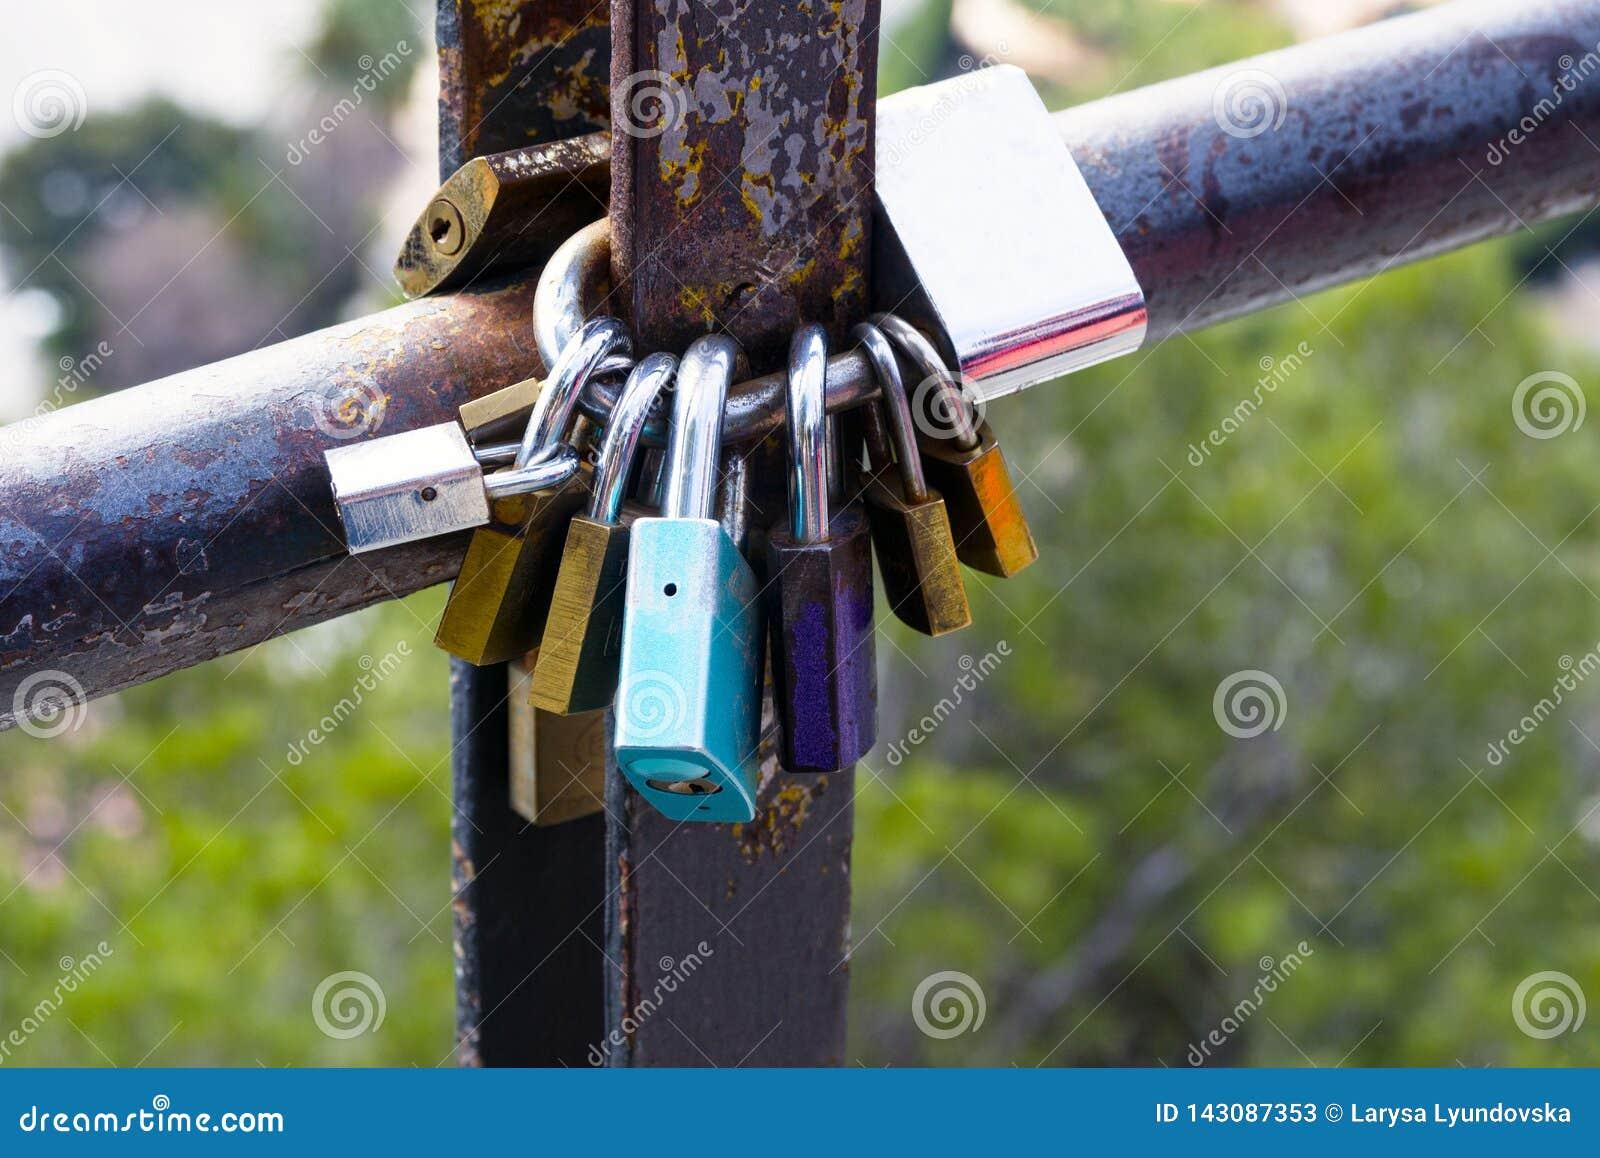 Cerraduras multicoloras del amor, cerradas en un tubo oxidado Símbolo del amor y de la lealtad